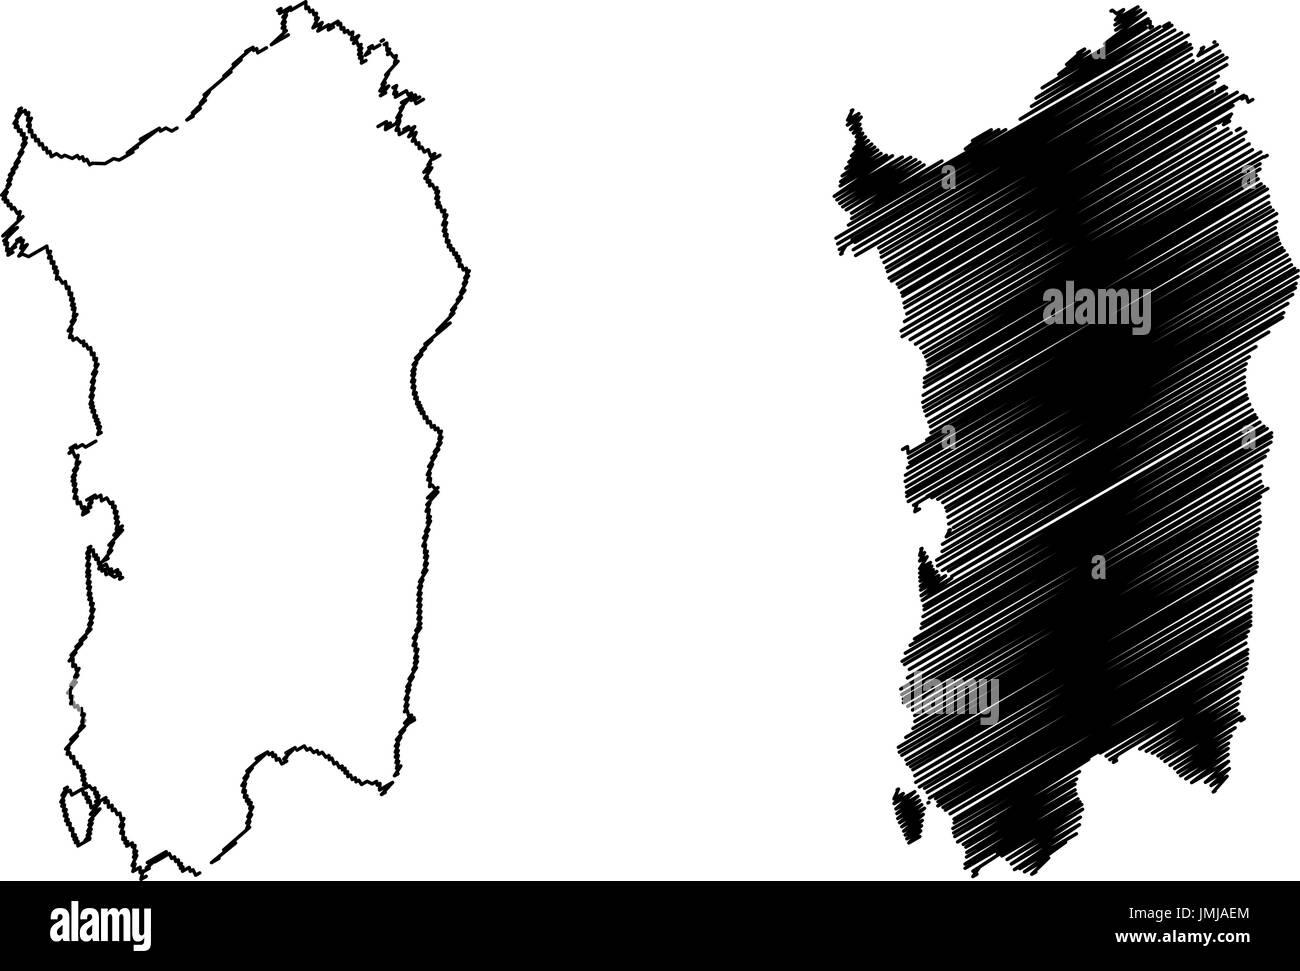 Cartina Sardegna Vettoriale.L Isola Di Sardegna Mappa Illustrazione Vettoriale Scribble Disegna L Isola Di Sardegna Immagine E Vettoriale Alamy